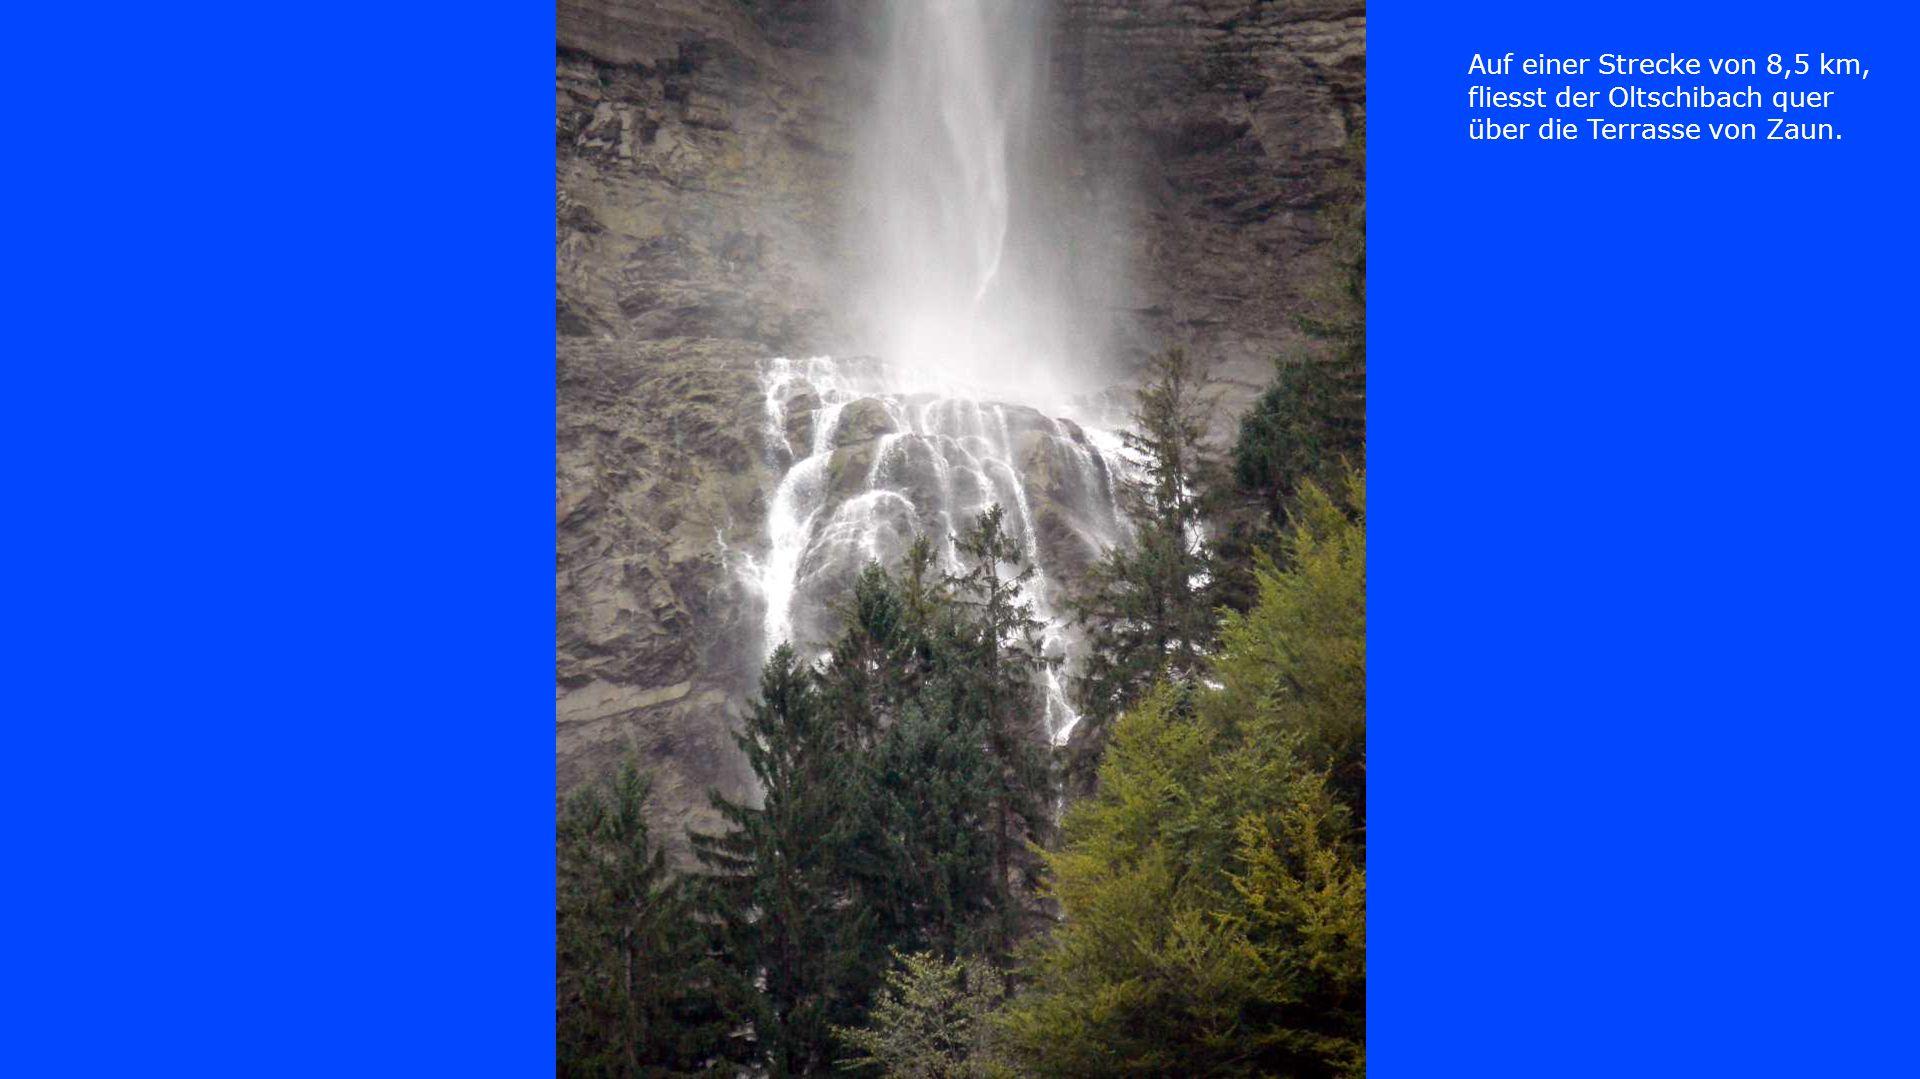 Er stürzt mit einem weithin sichtbaren Wasserfall über die begleitenden Felswände.